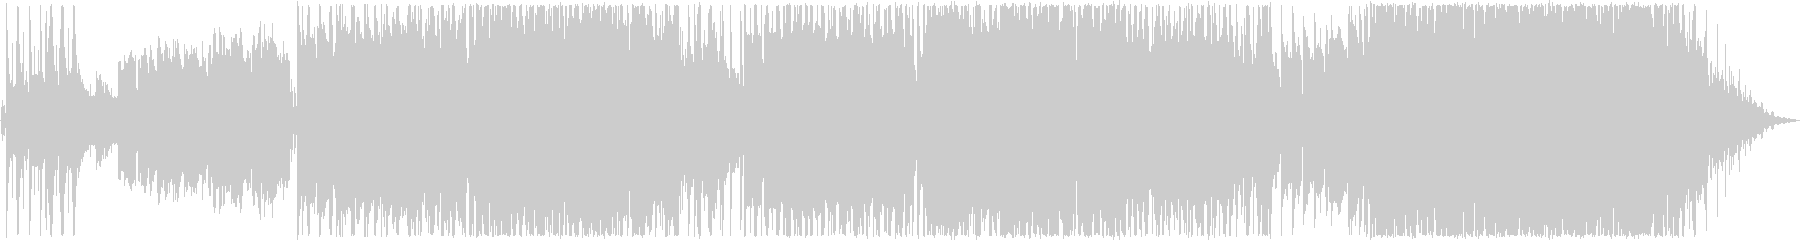 明るく切ないバラードの未再生の波形